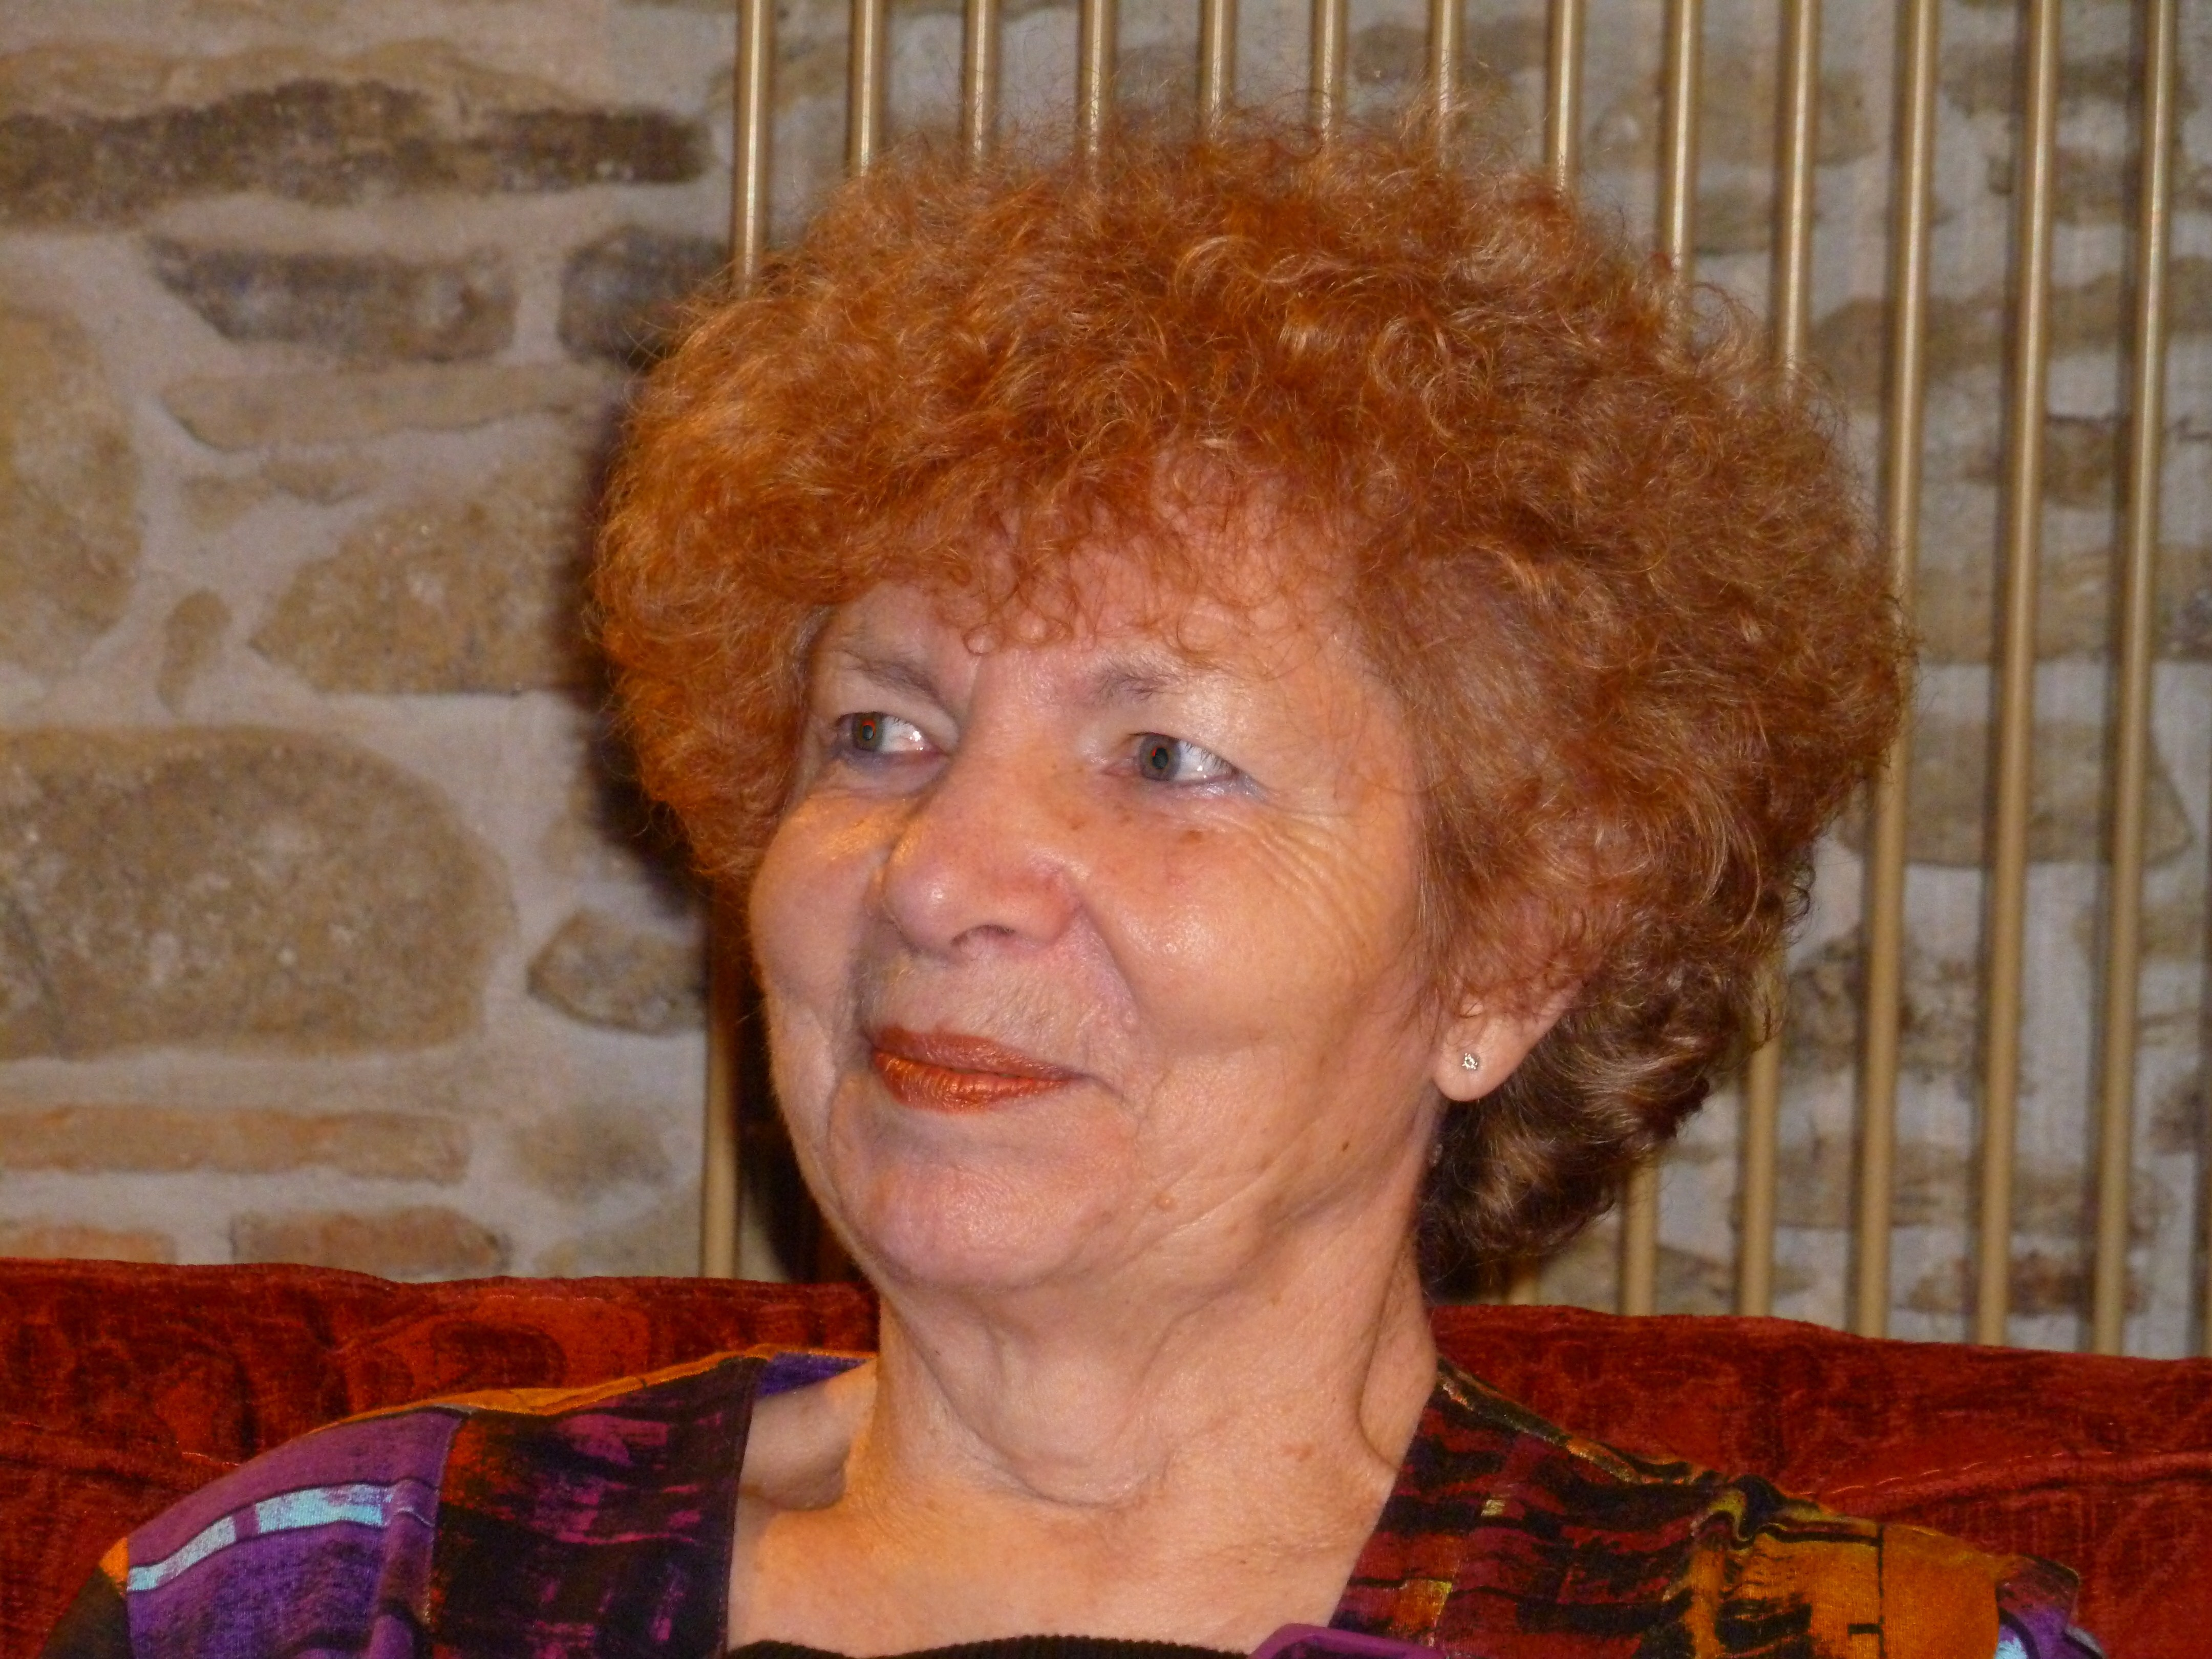 Claudette Labouesse